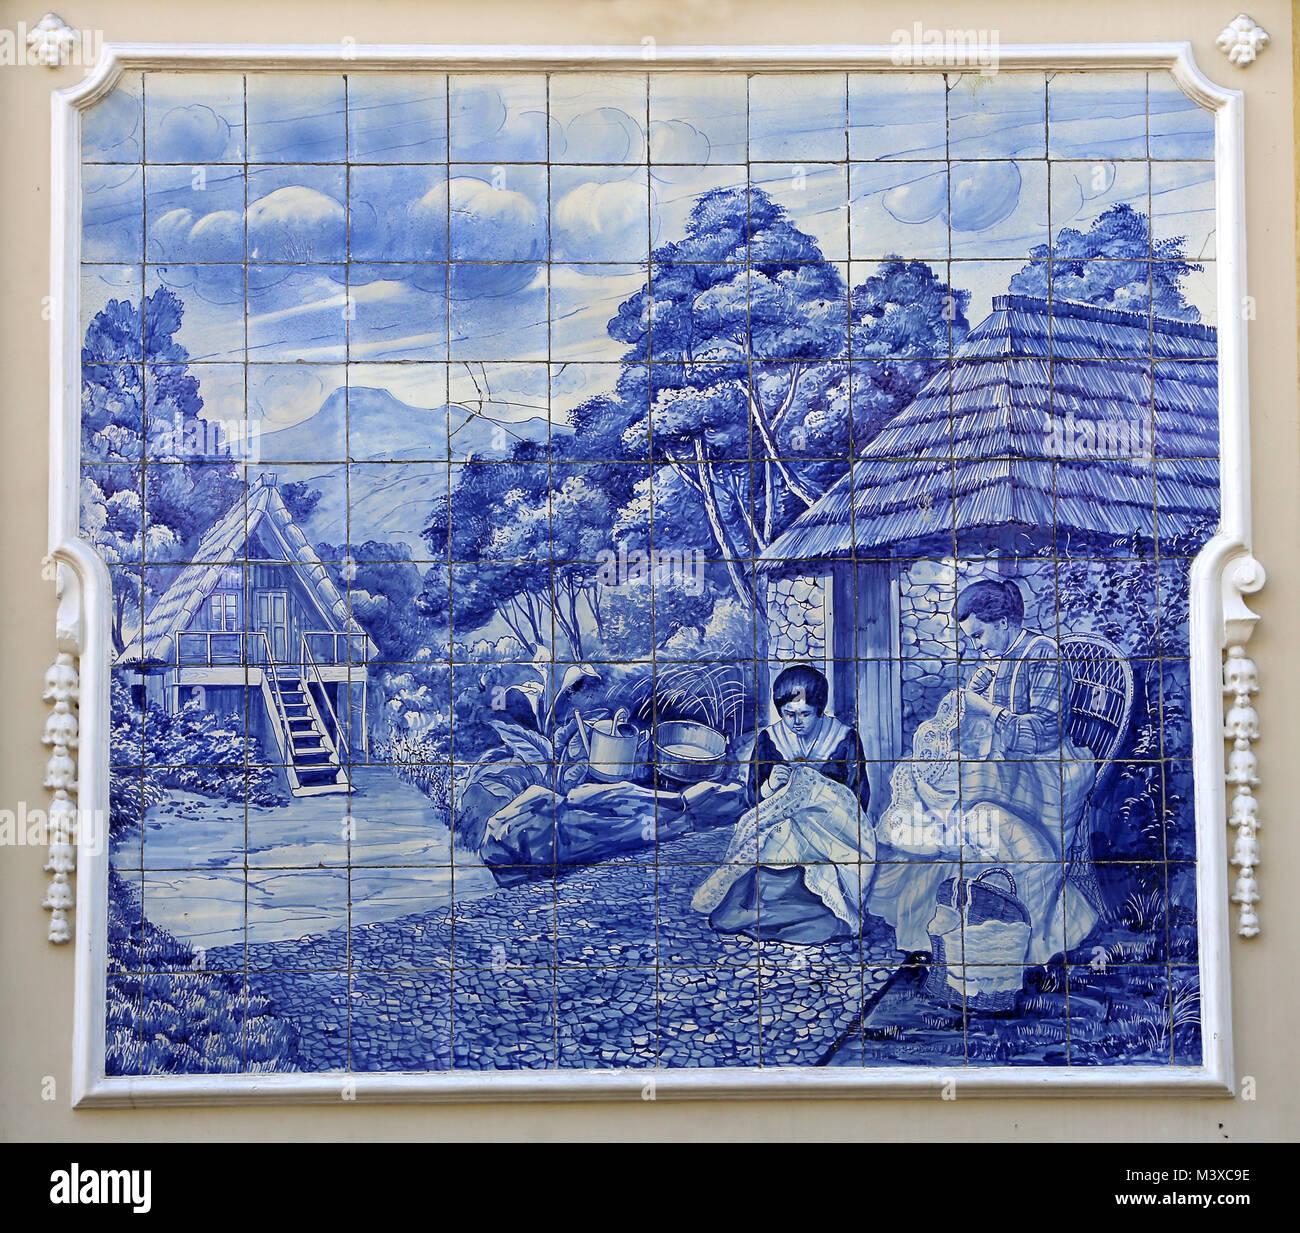 Tin glazed ceramic tiles stock photos tin glazed ceramic tiles ceramic glazed blue tiles depicting rural scene around 1908 dailygadgetfo Gallery